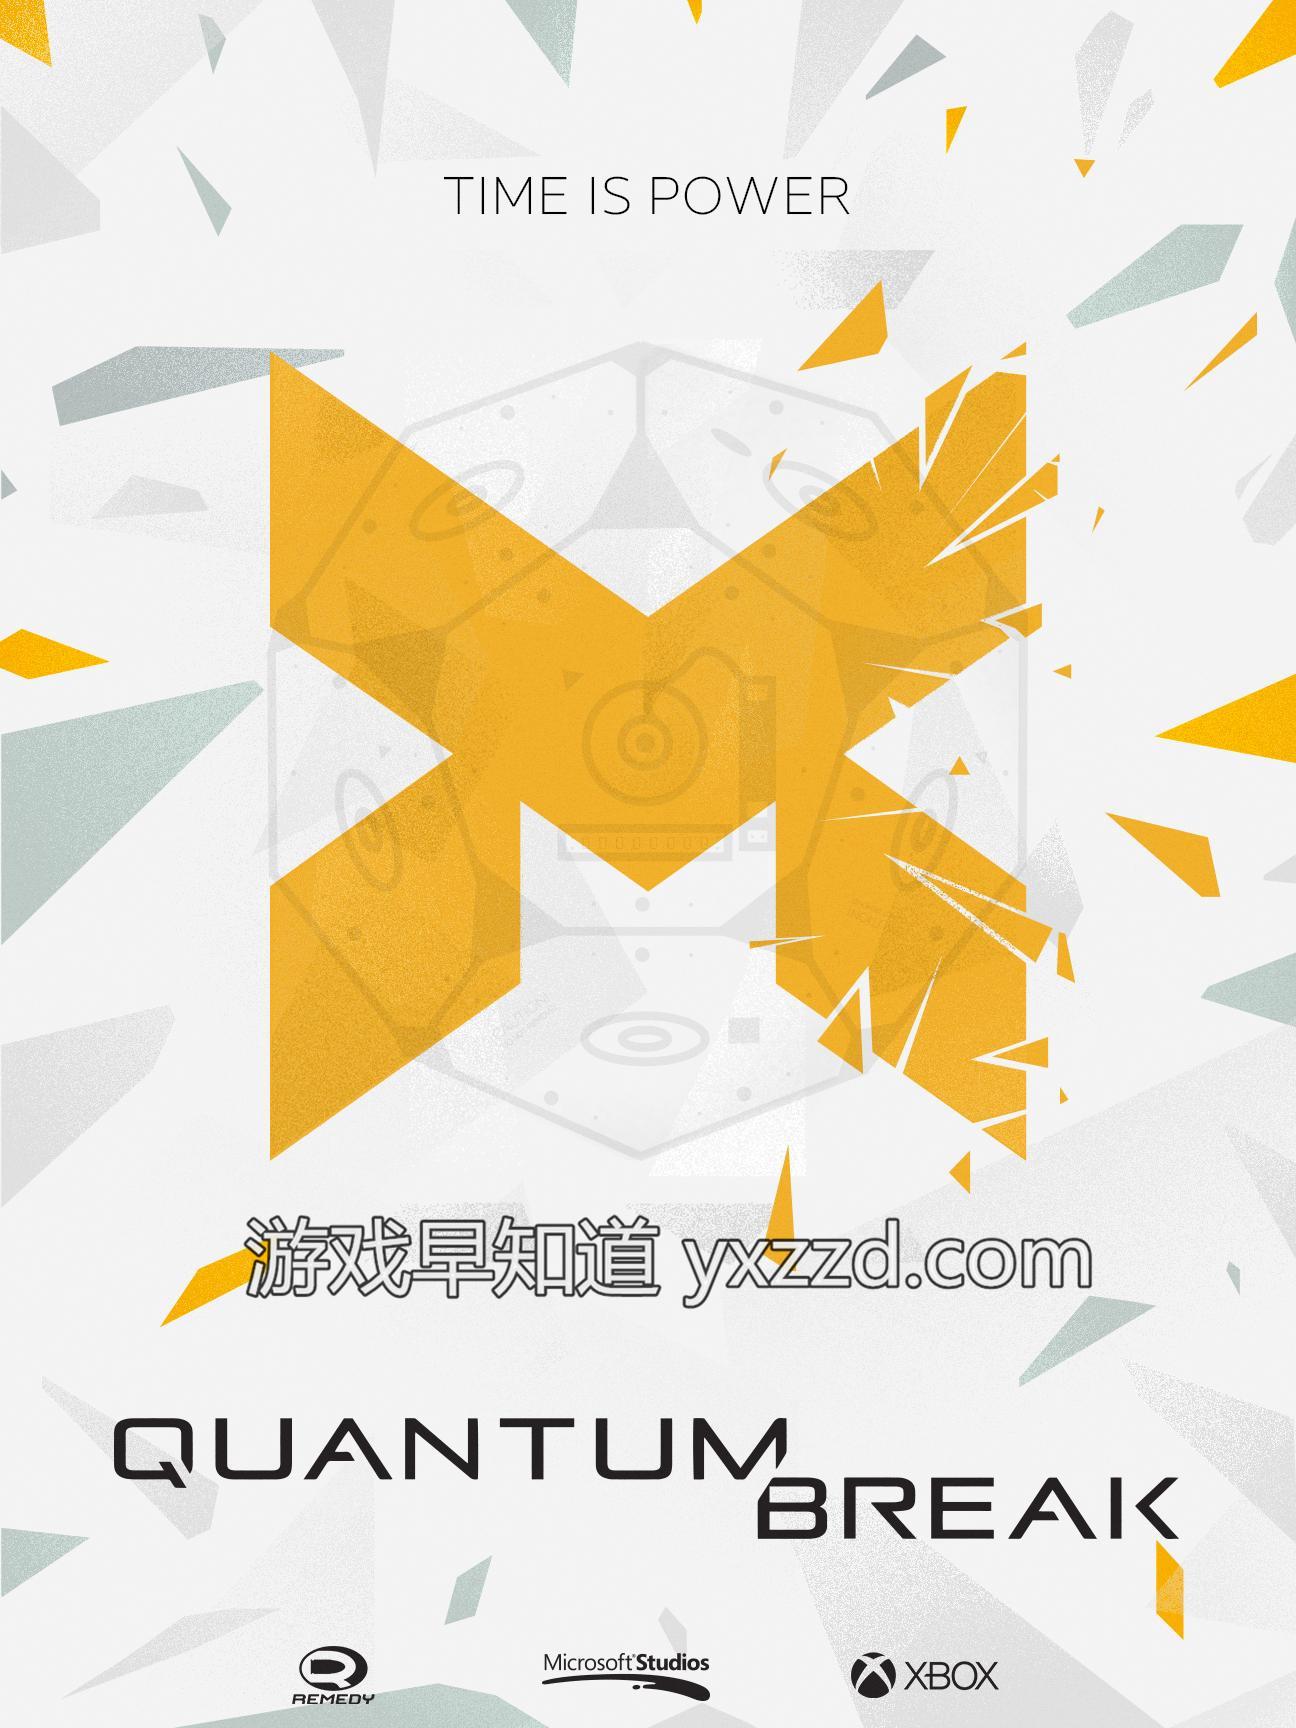 量子破碎Quantum Break